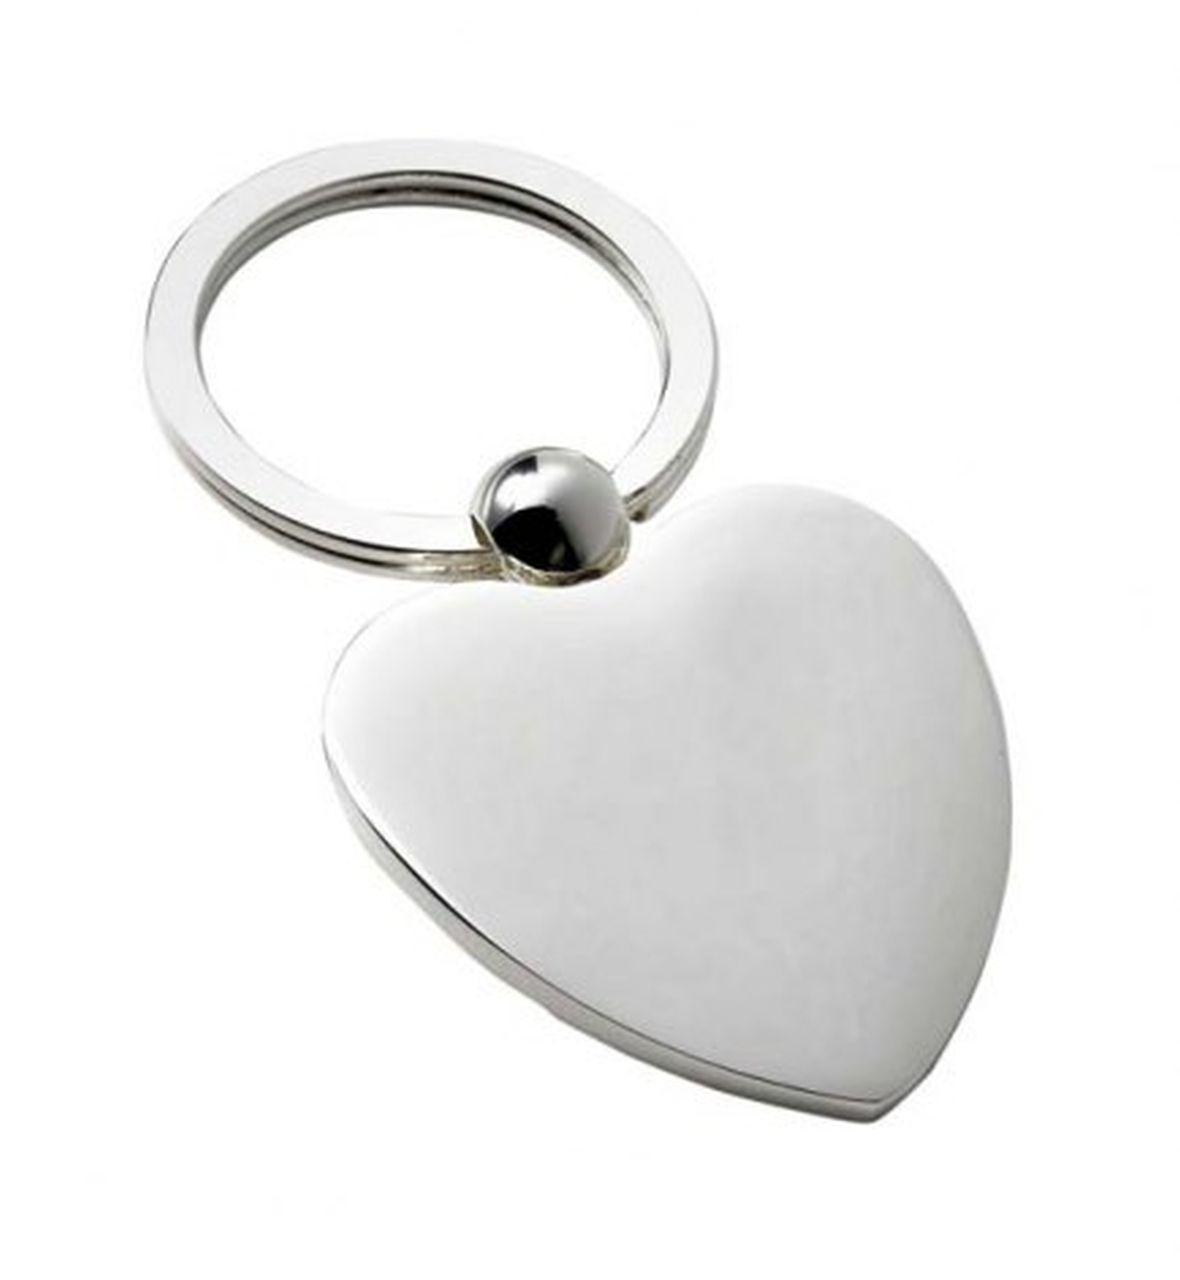 Portachiavi cuore silver plated